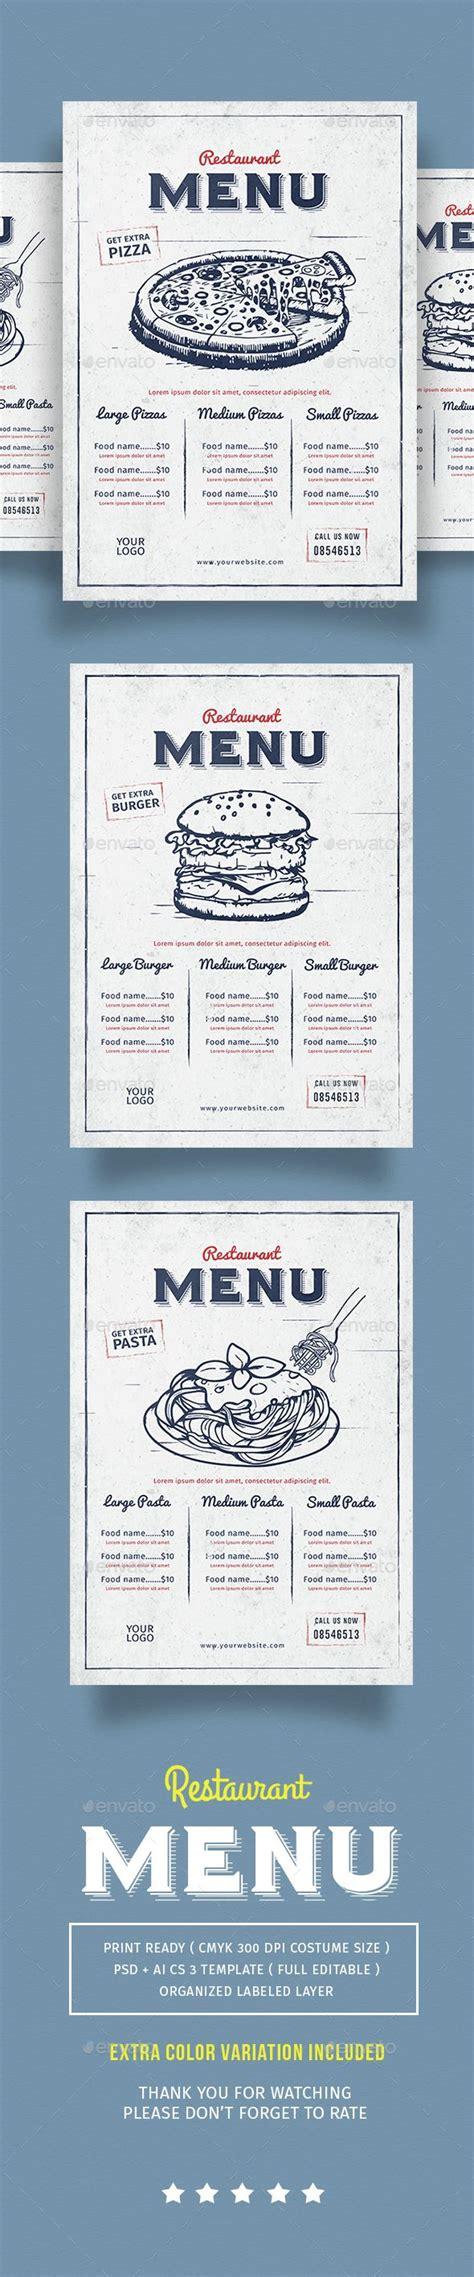 design menu vintage vintage restaurant menu design vintage och inspiration